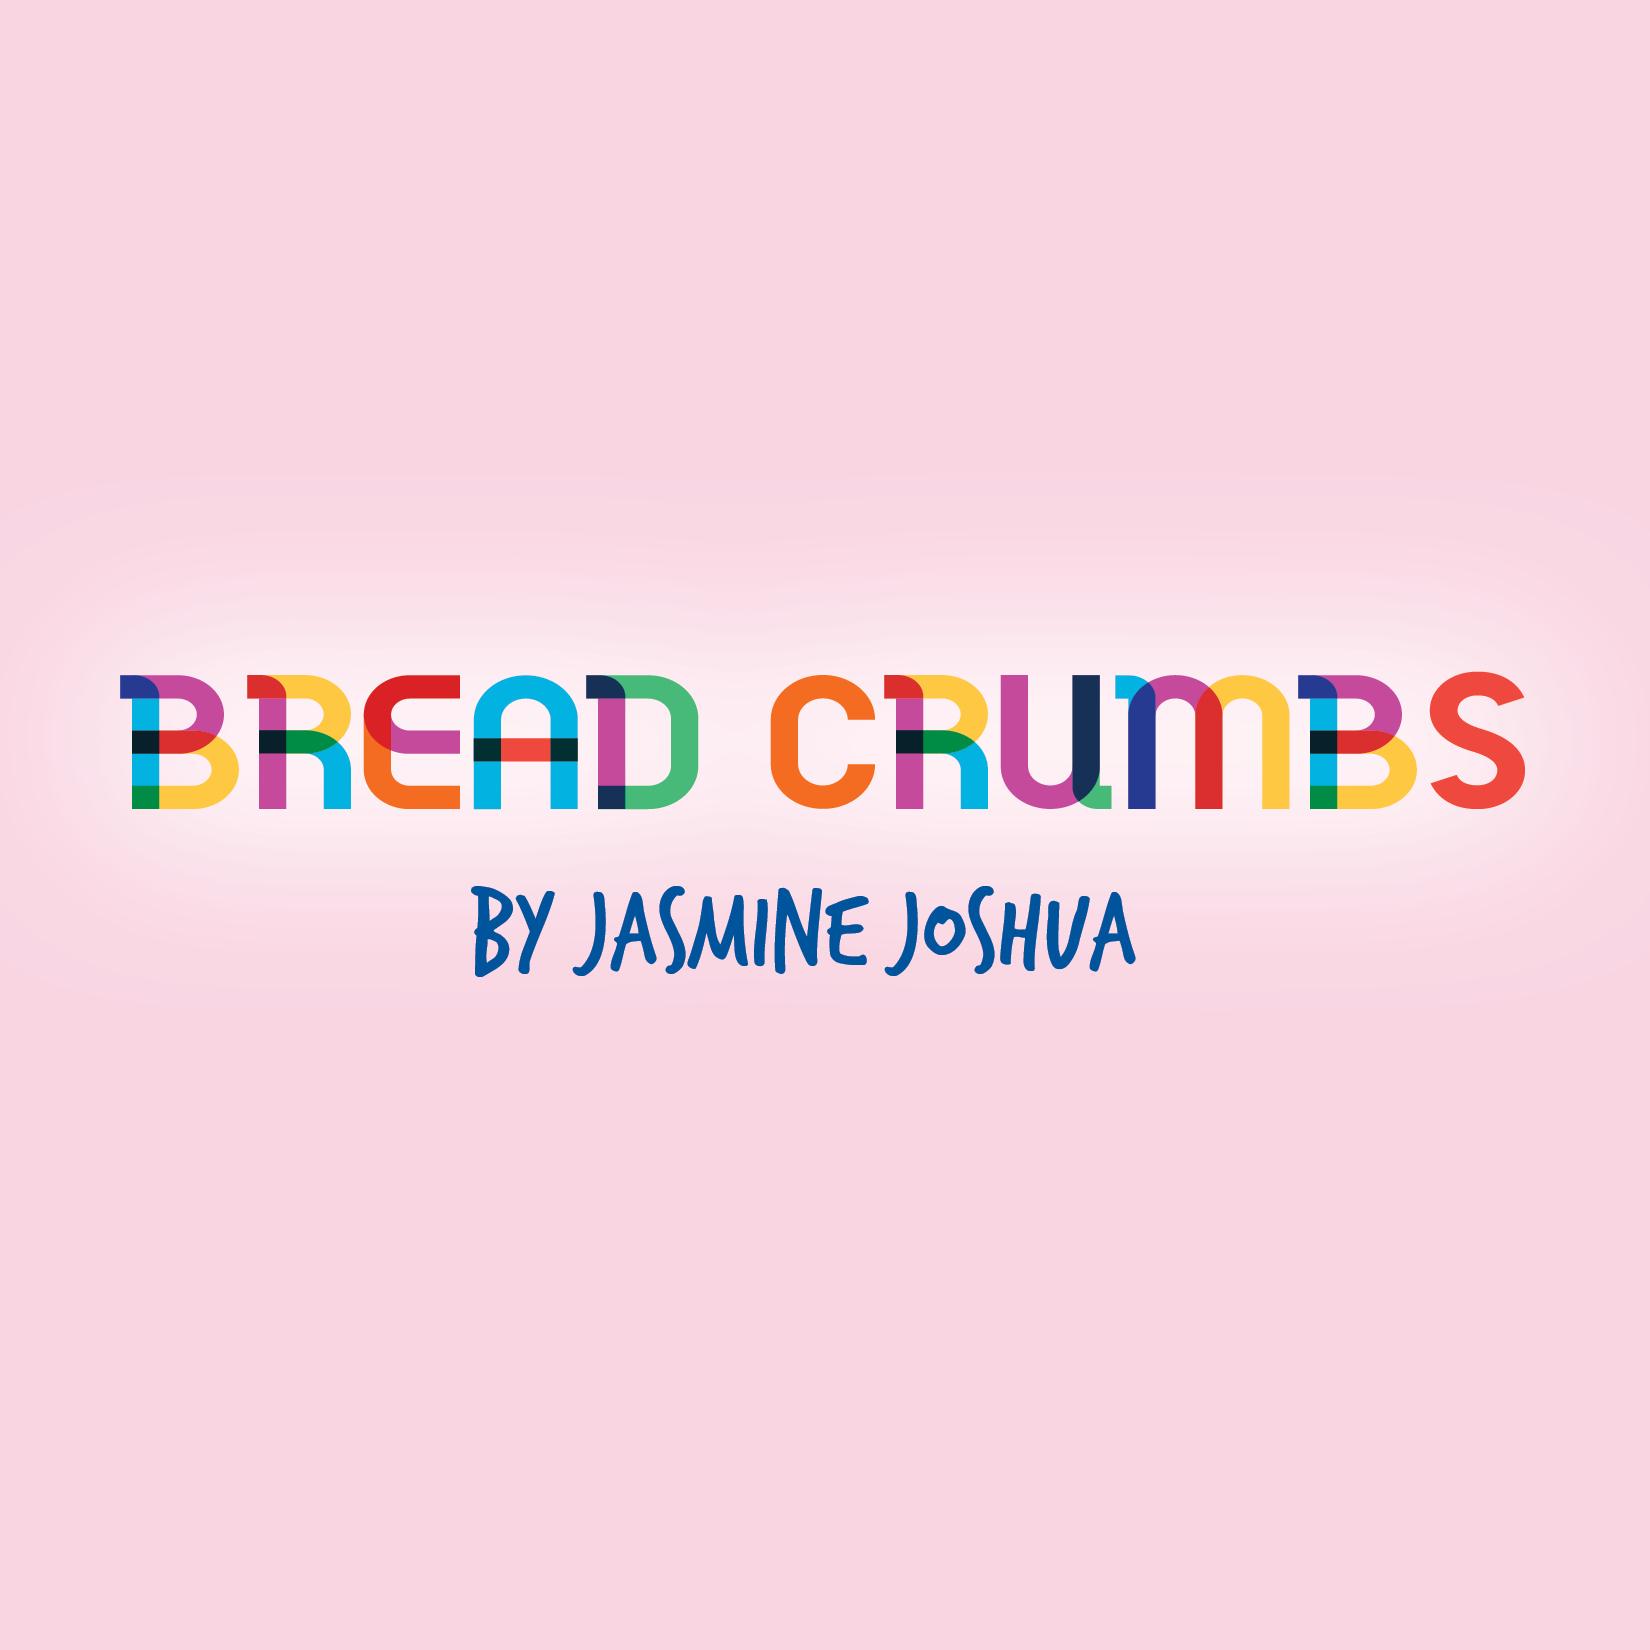 Bread Crumbs by Jasmine Joshua